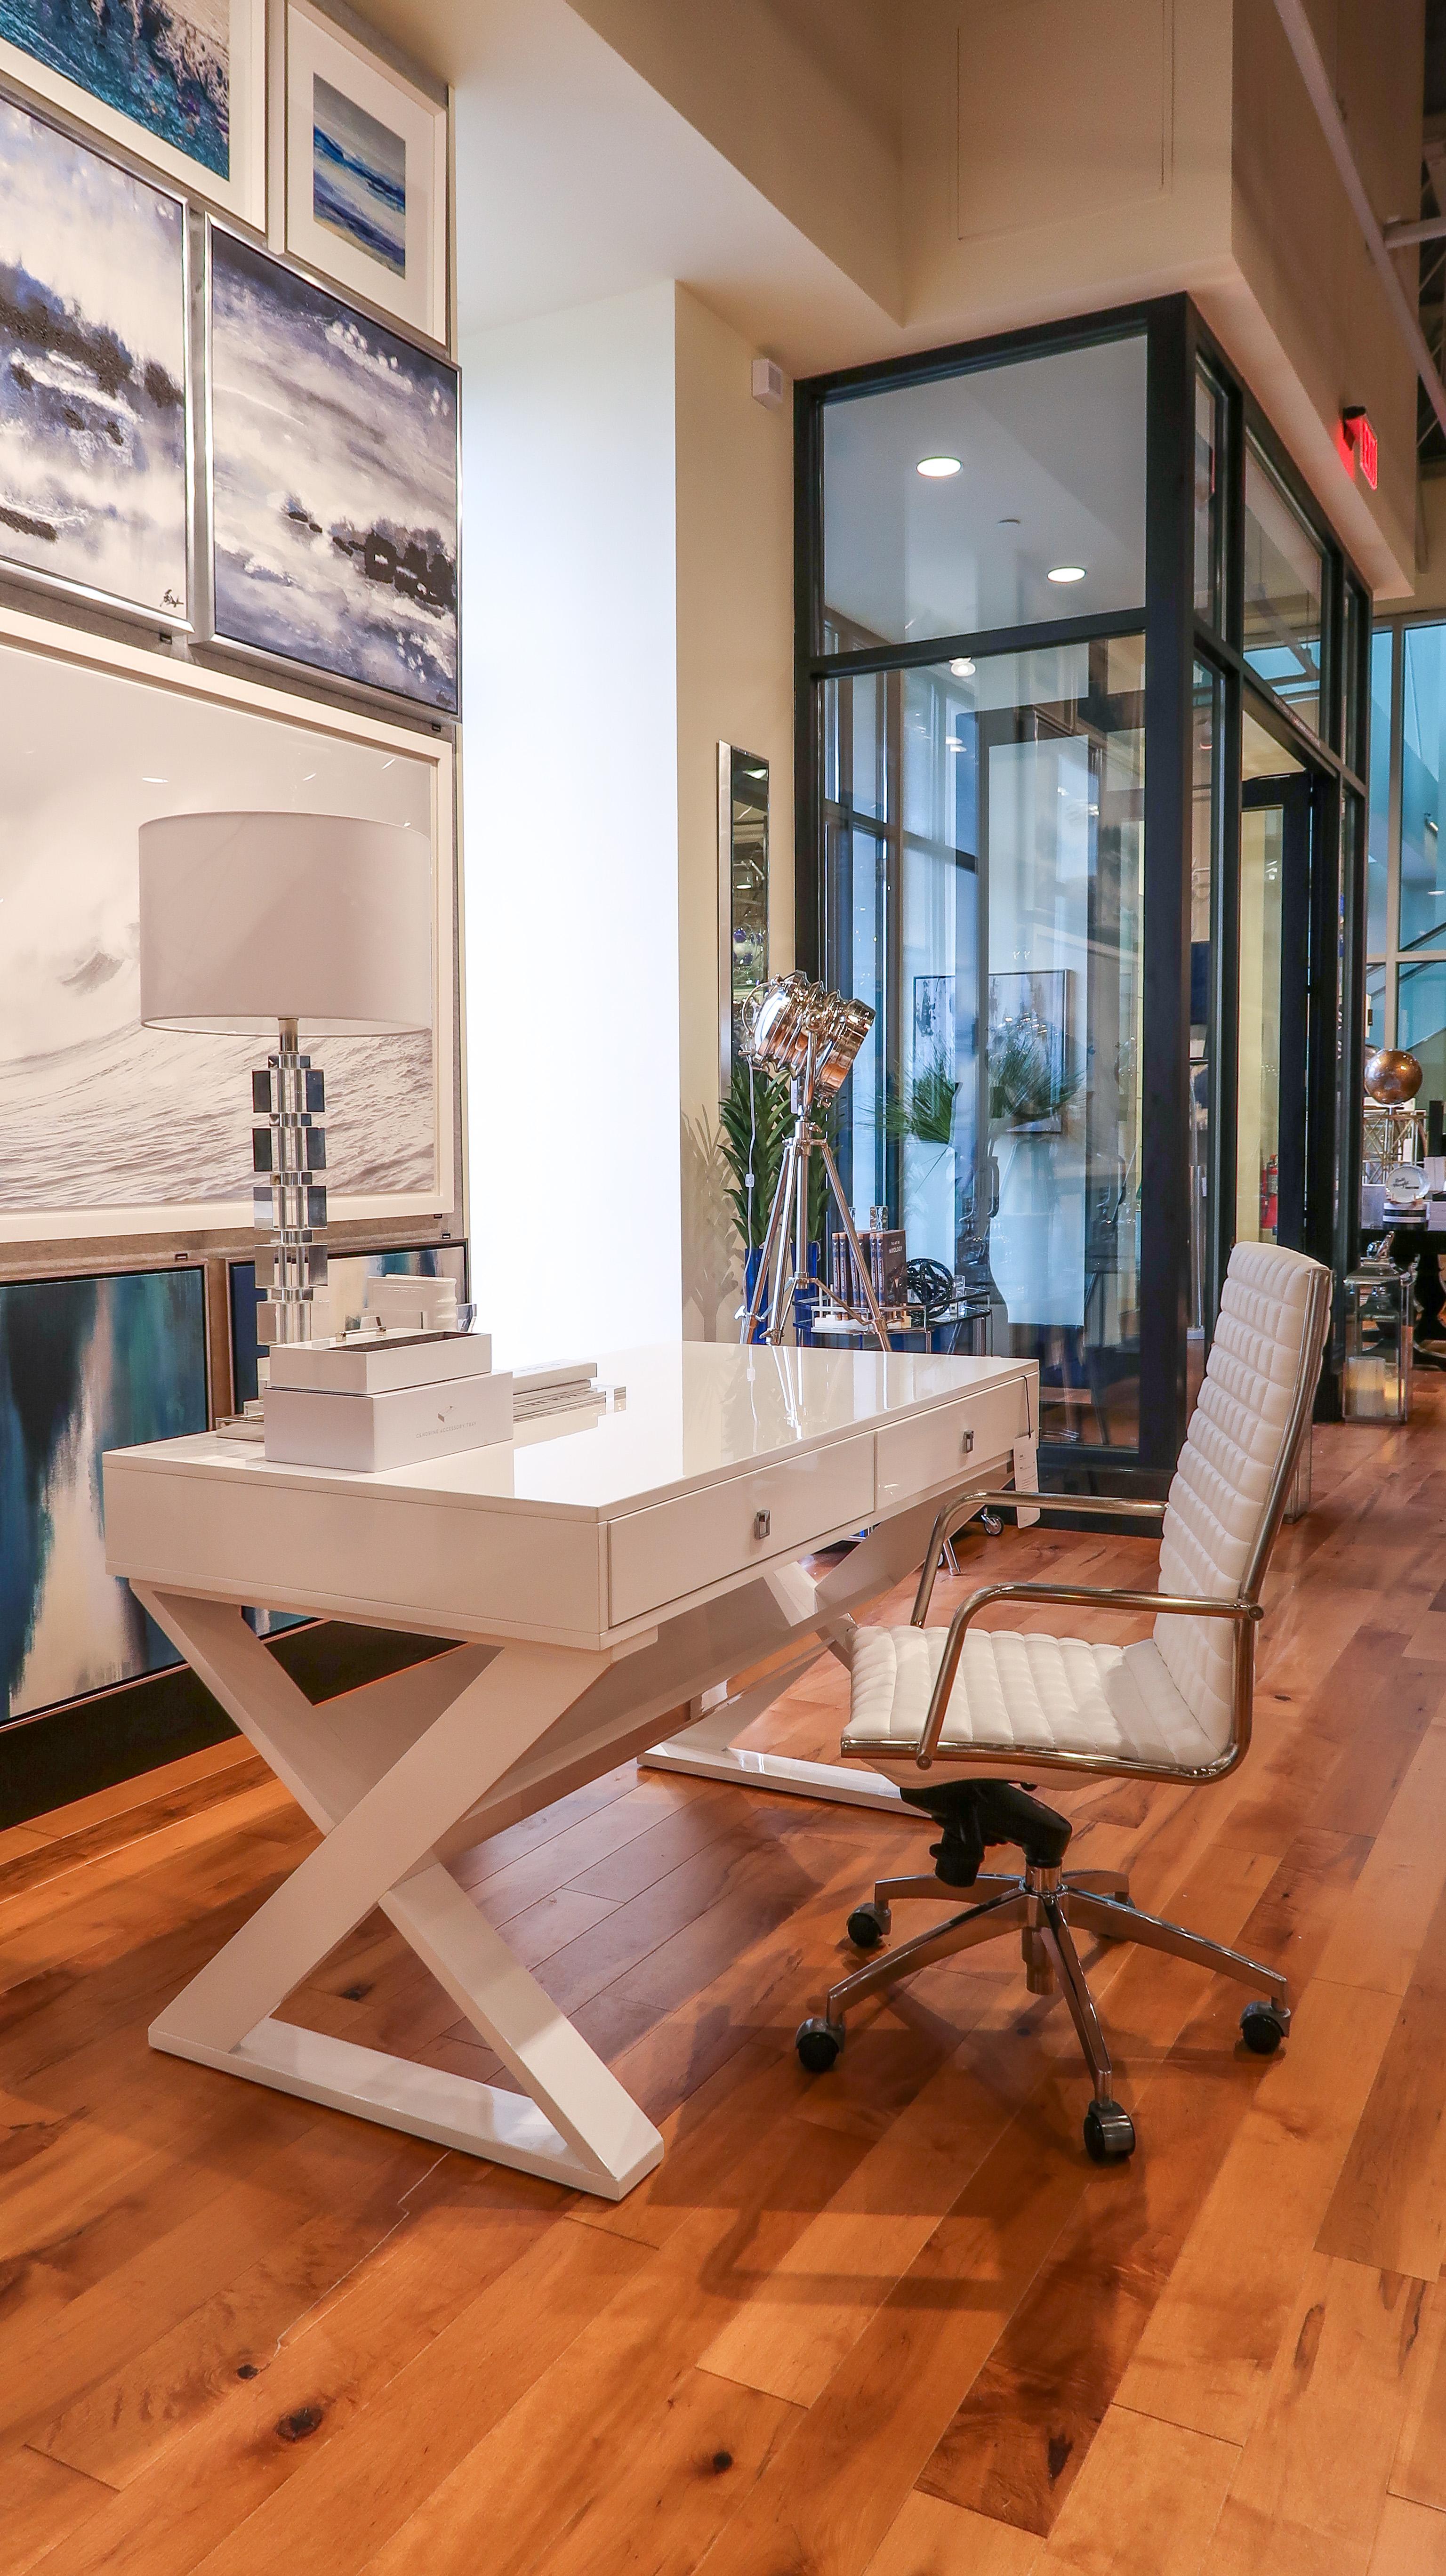 Z Gallerie White Desk